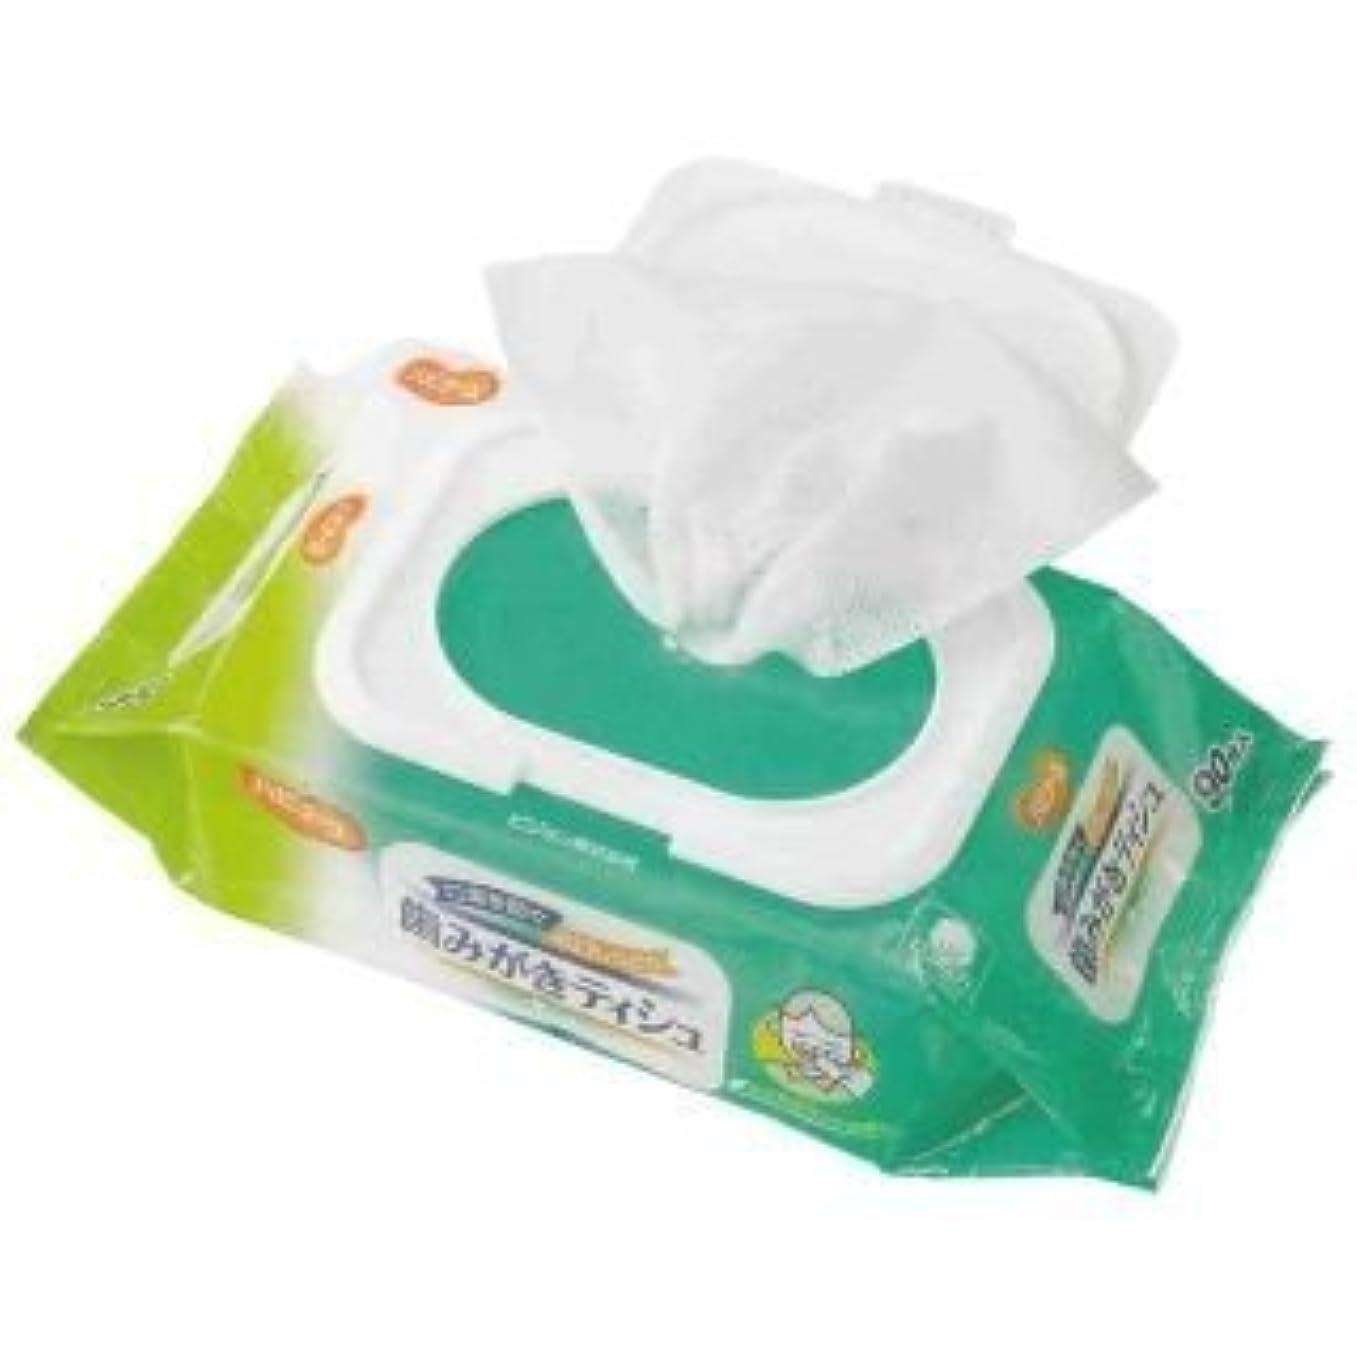 感謝祭濃度動物園口臭を防ぐ&お口しっとり!ふきとりやすいコットンメッシュシート!お口が乾燥して、お口の臭いが気になるときに!歯みがきティシュ 90枚入【3個セット】